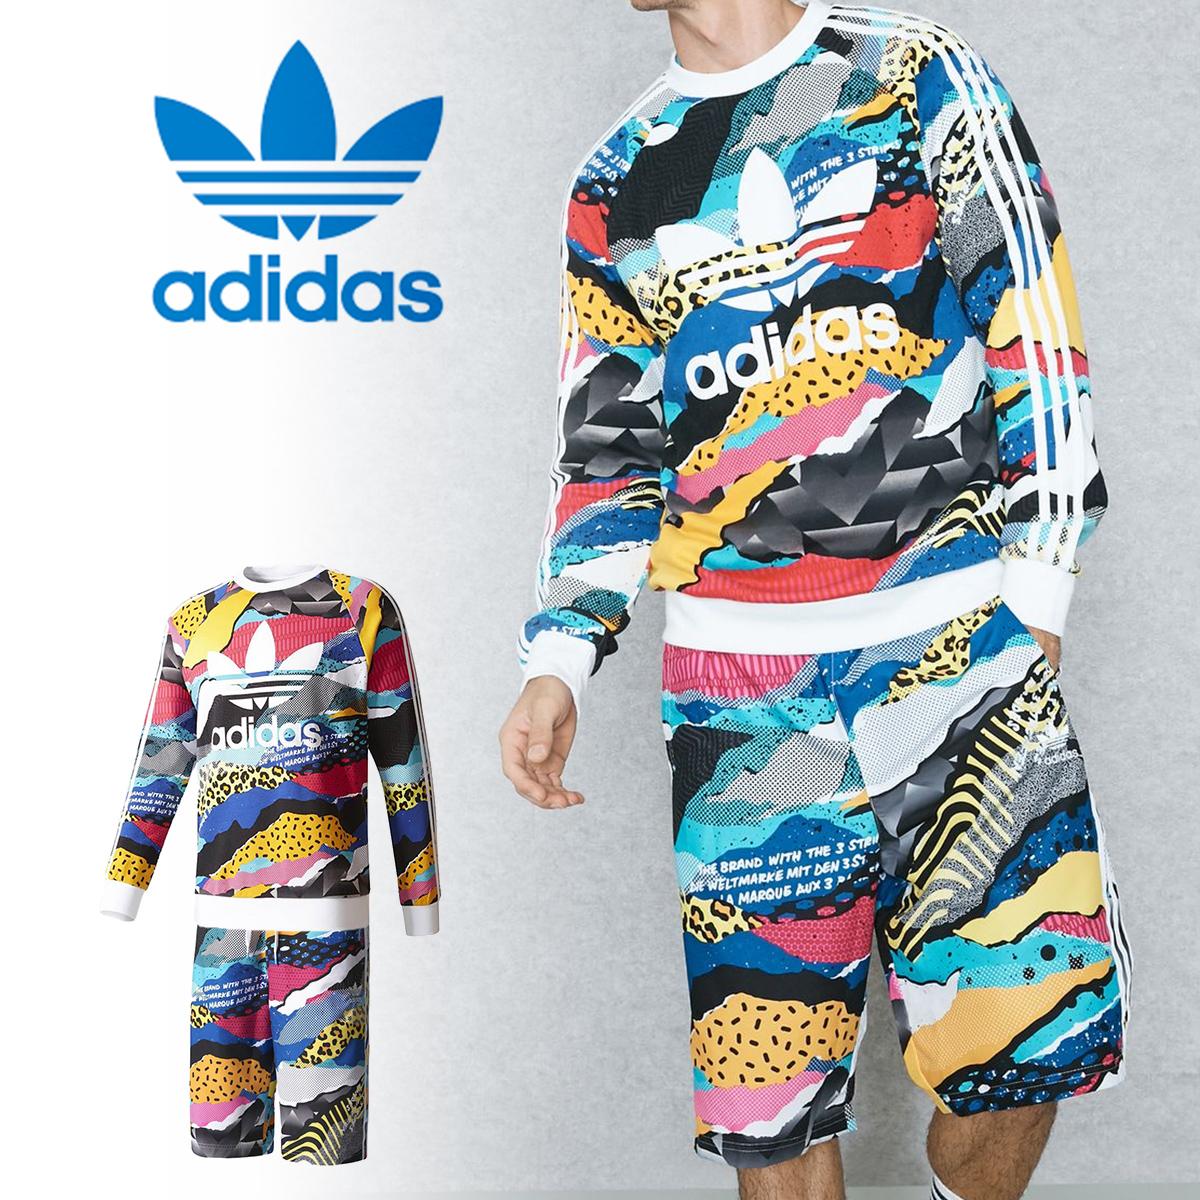 【特価】adidas originals アディダス オリジナルス セットアップ メンズ スウェット スイムウェア ロンT bk7730 bk7741 水着